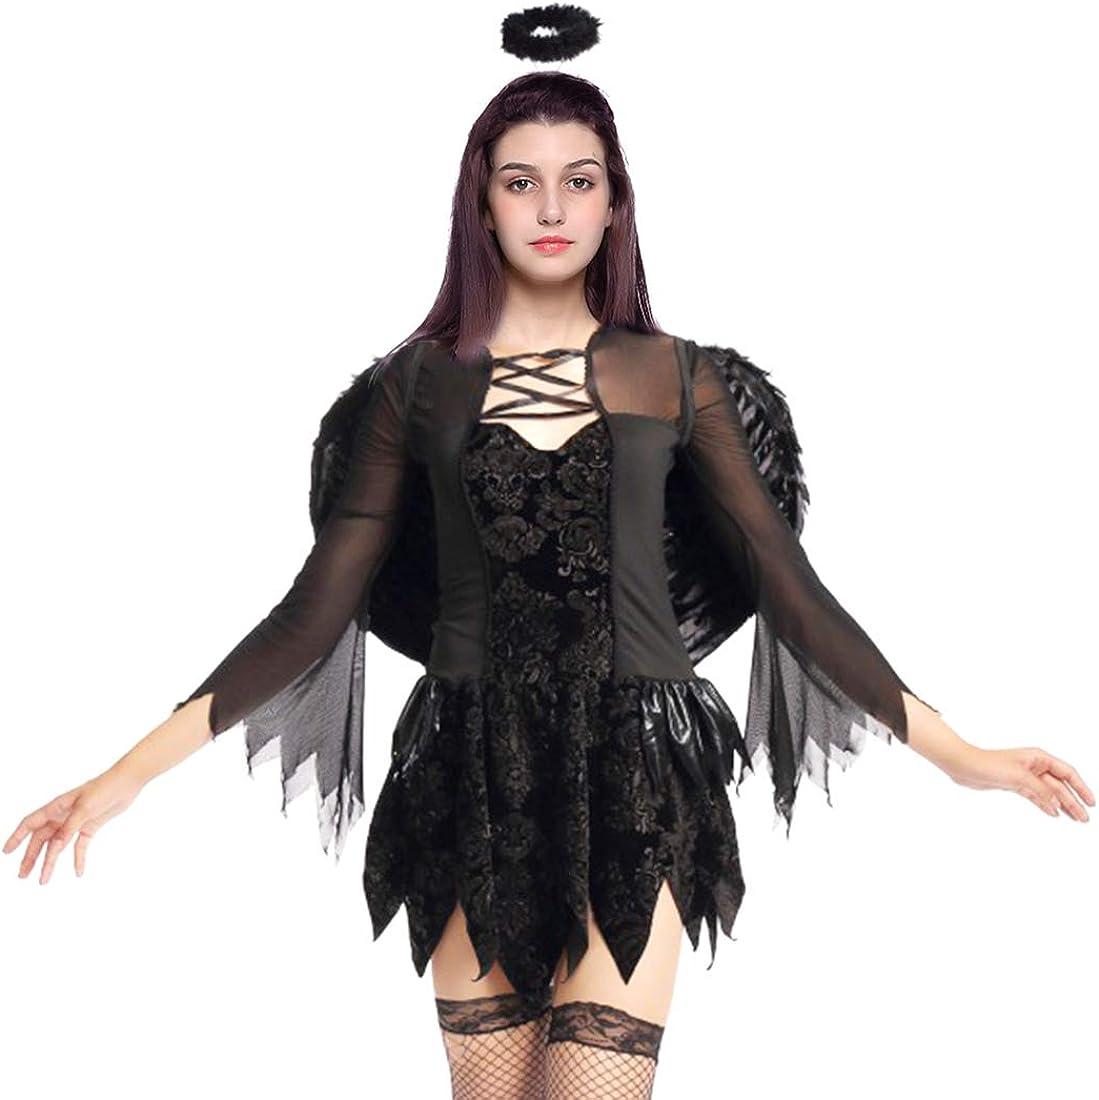 Brand New Dark Spooky Angel Tween Costume